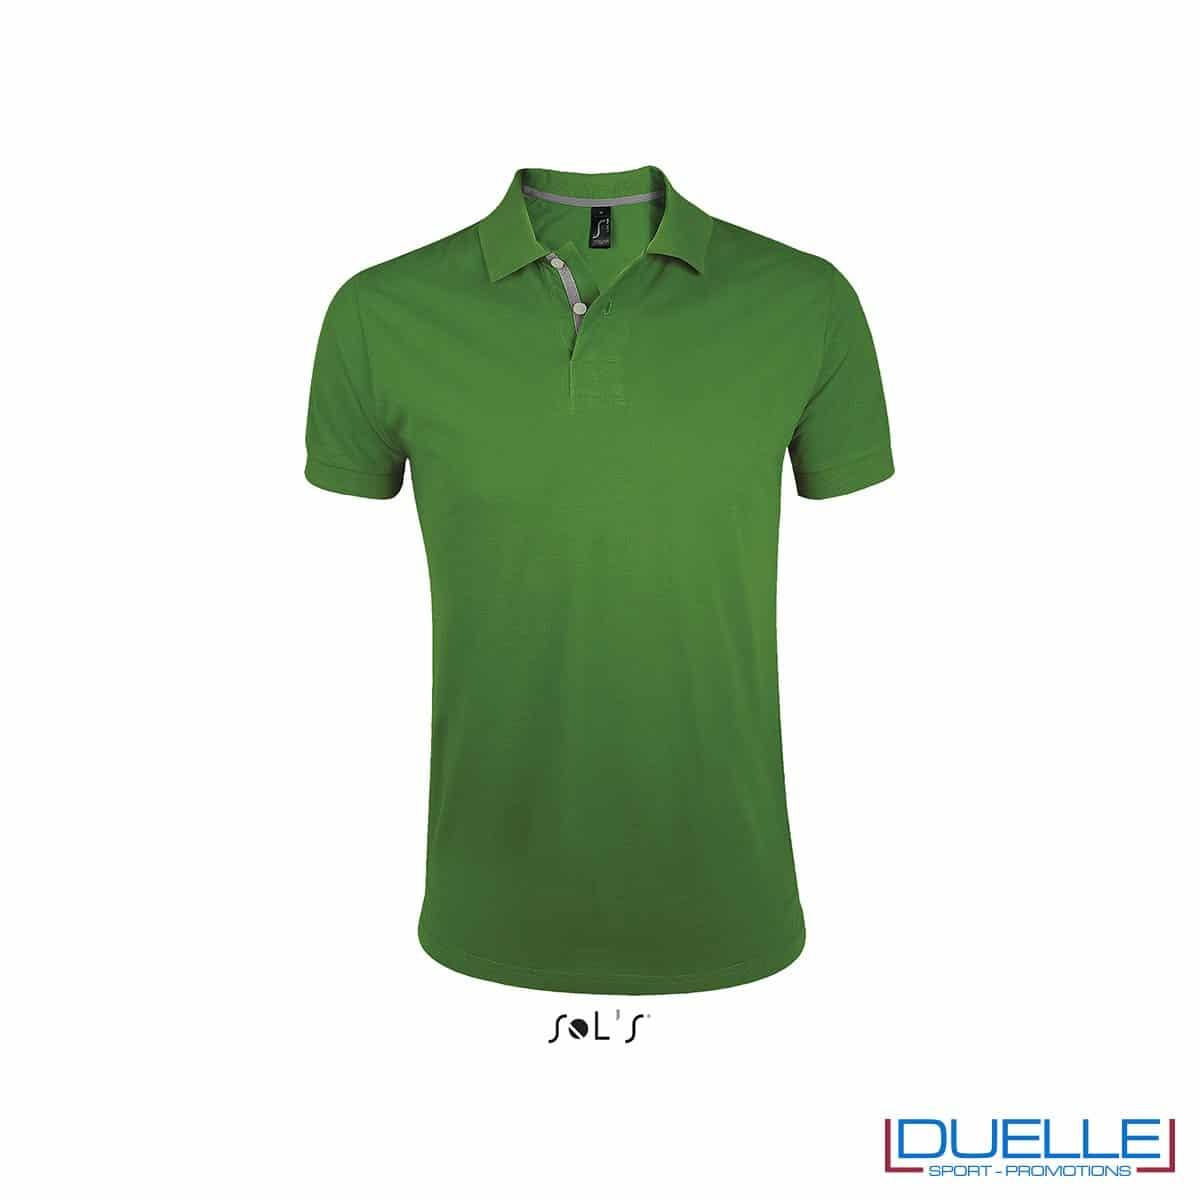 polo personalizzata verde con bordino a contrasto, polo personalizzata